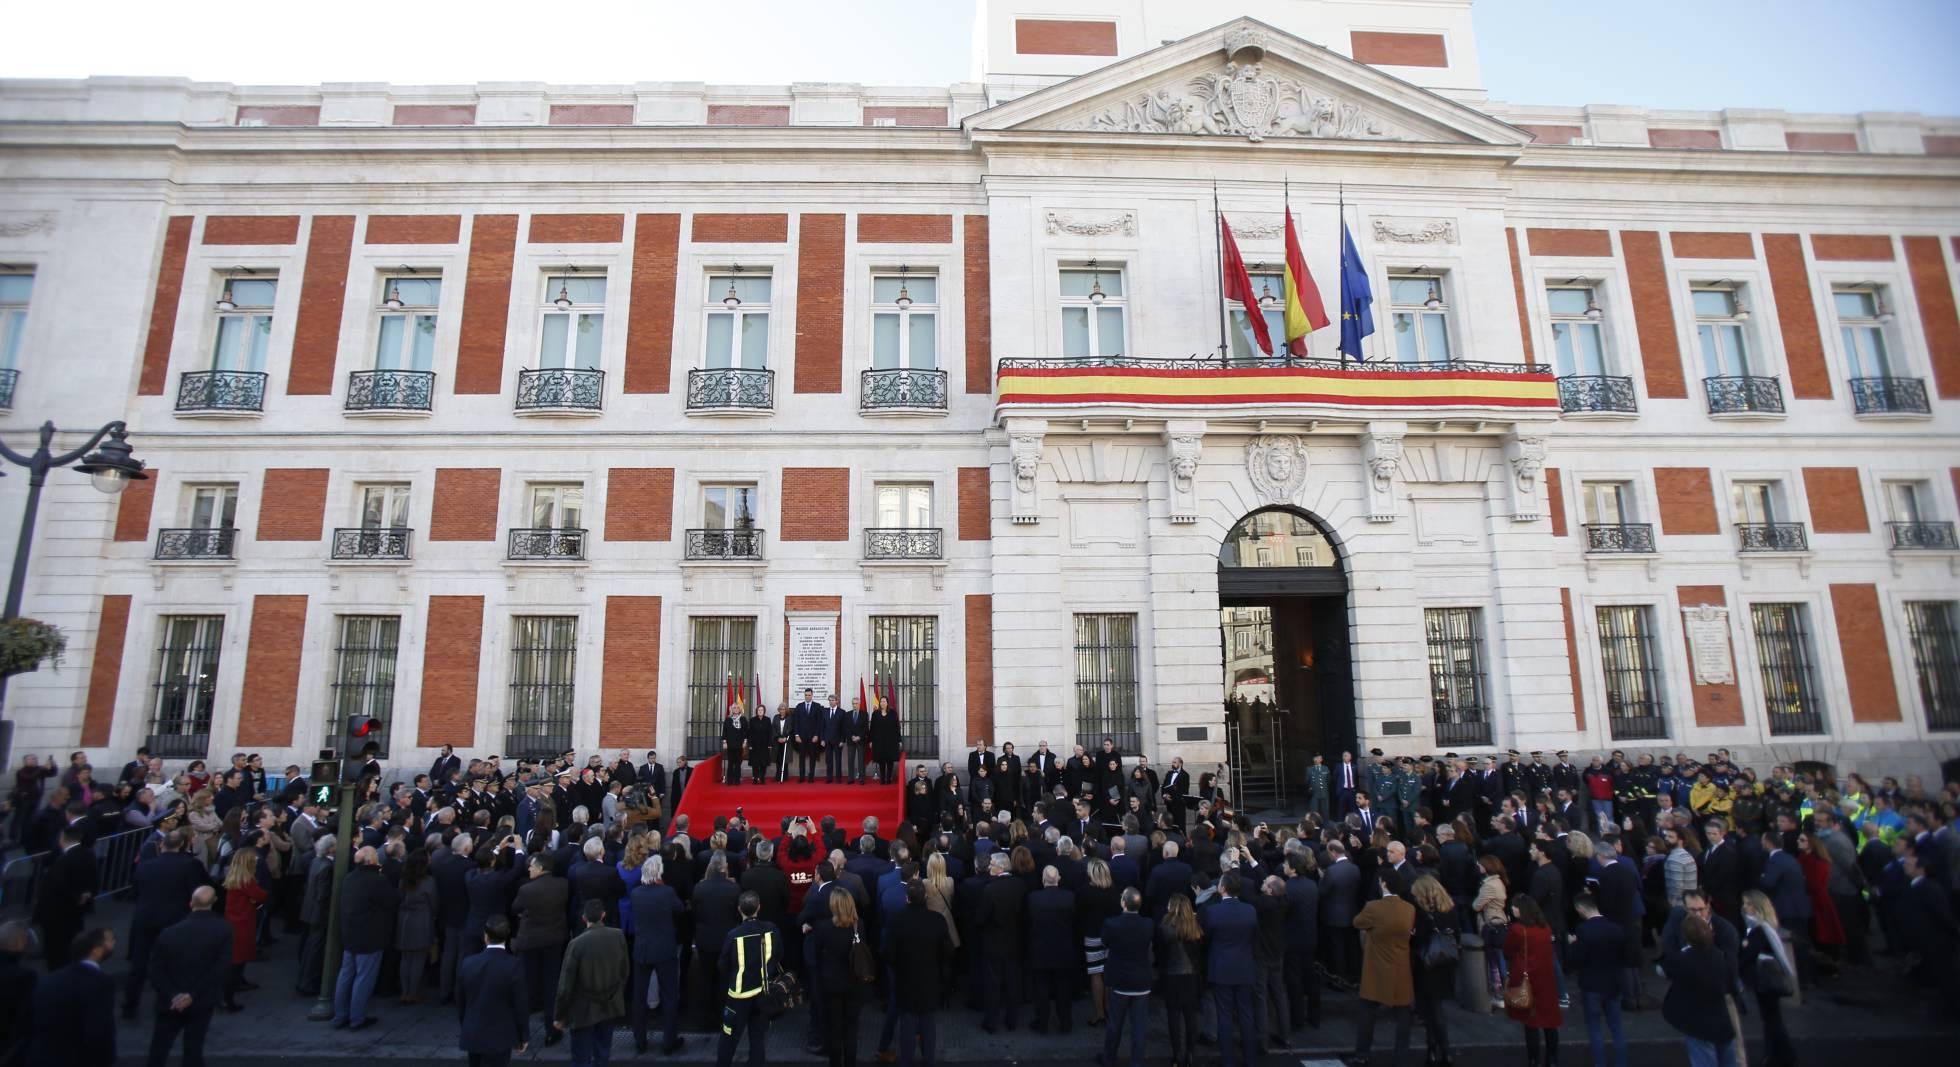 La sede de presidencia de la Comunidad de Madrid, en la Puerta del Sol, donde se ha celebrado el homenaje a las víctimas del 11M.